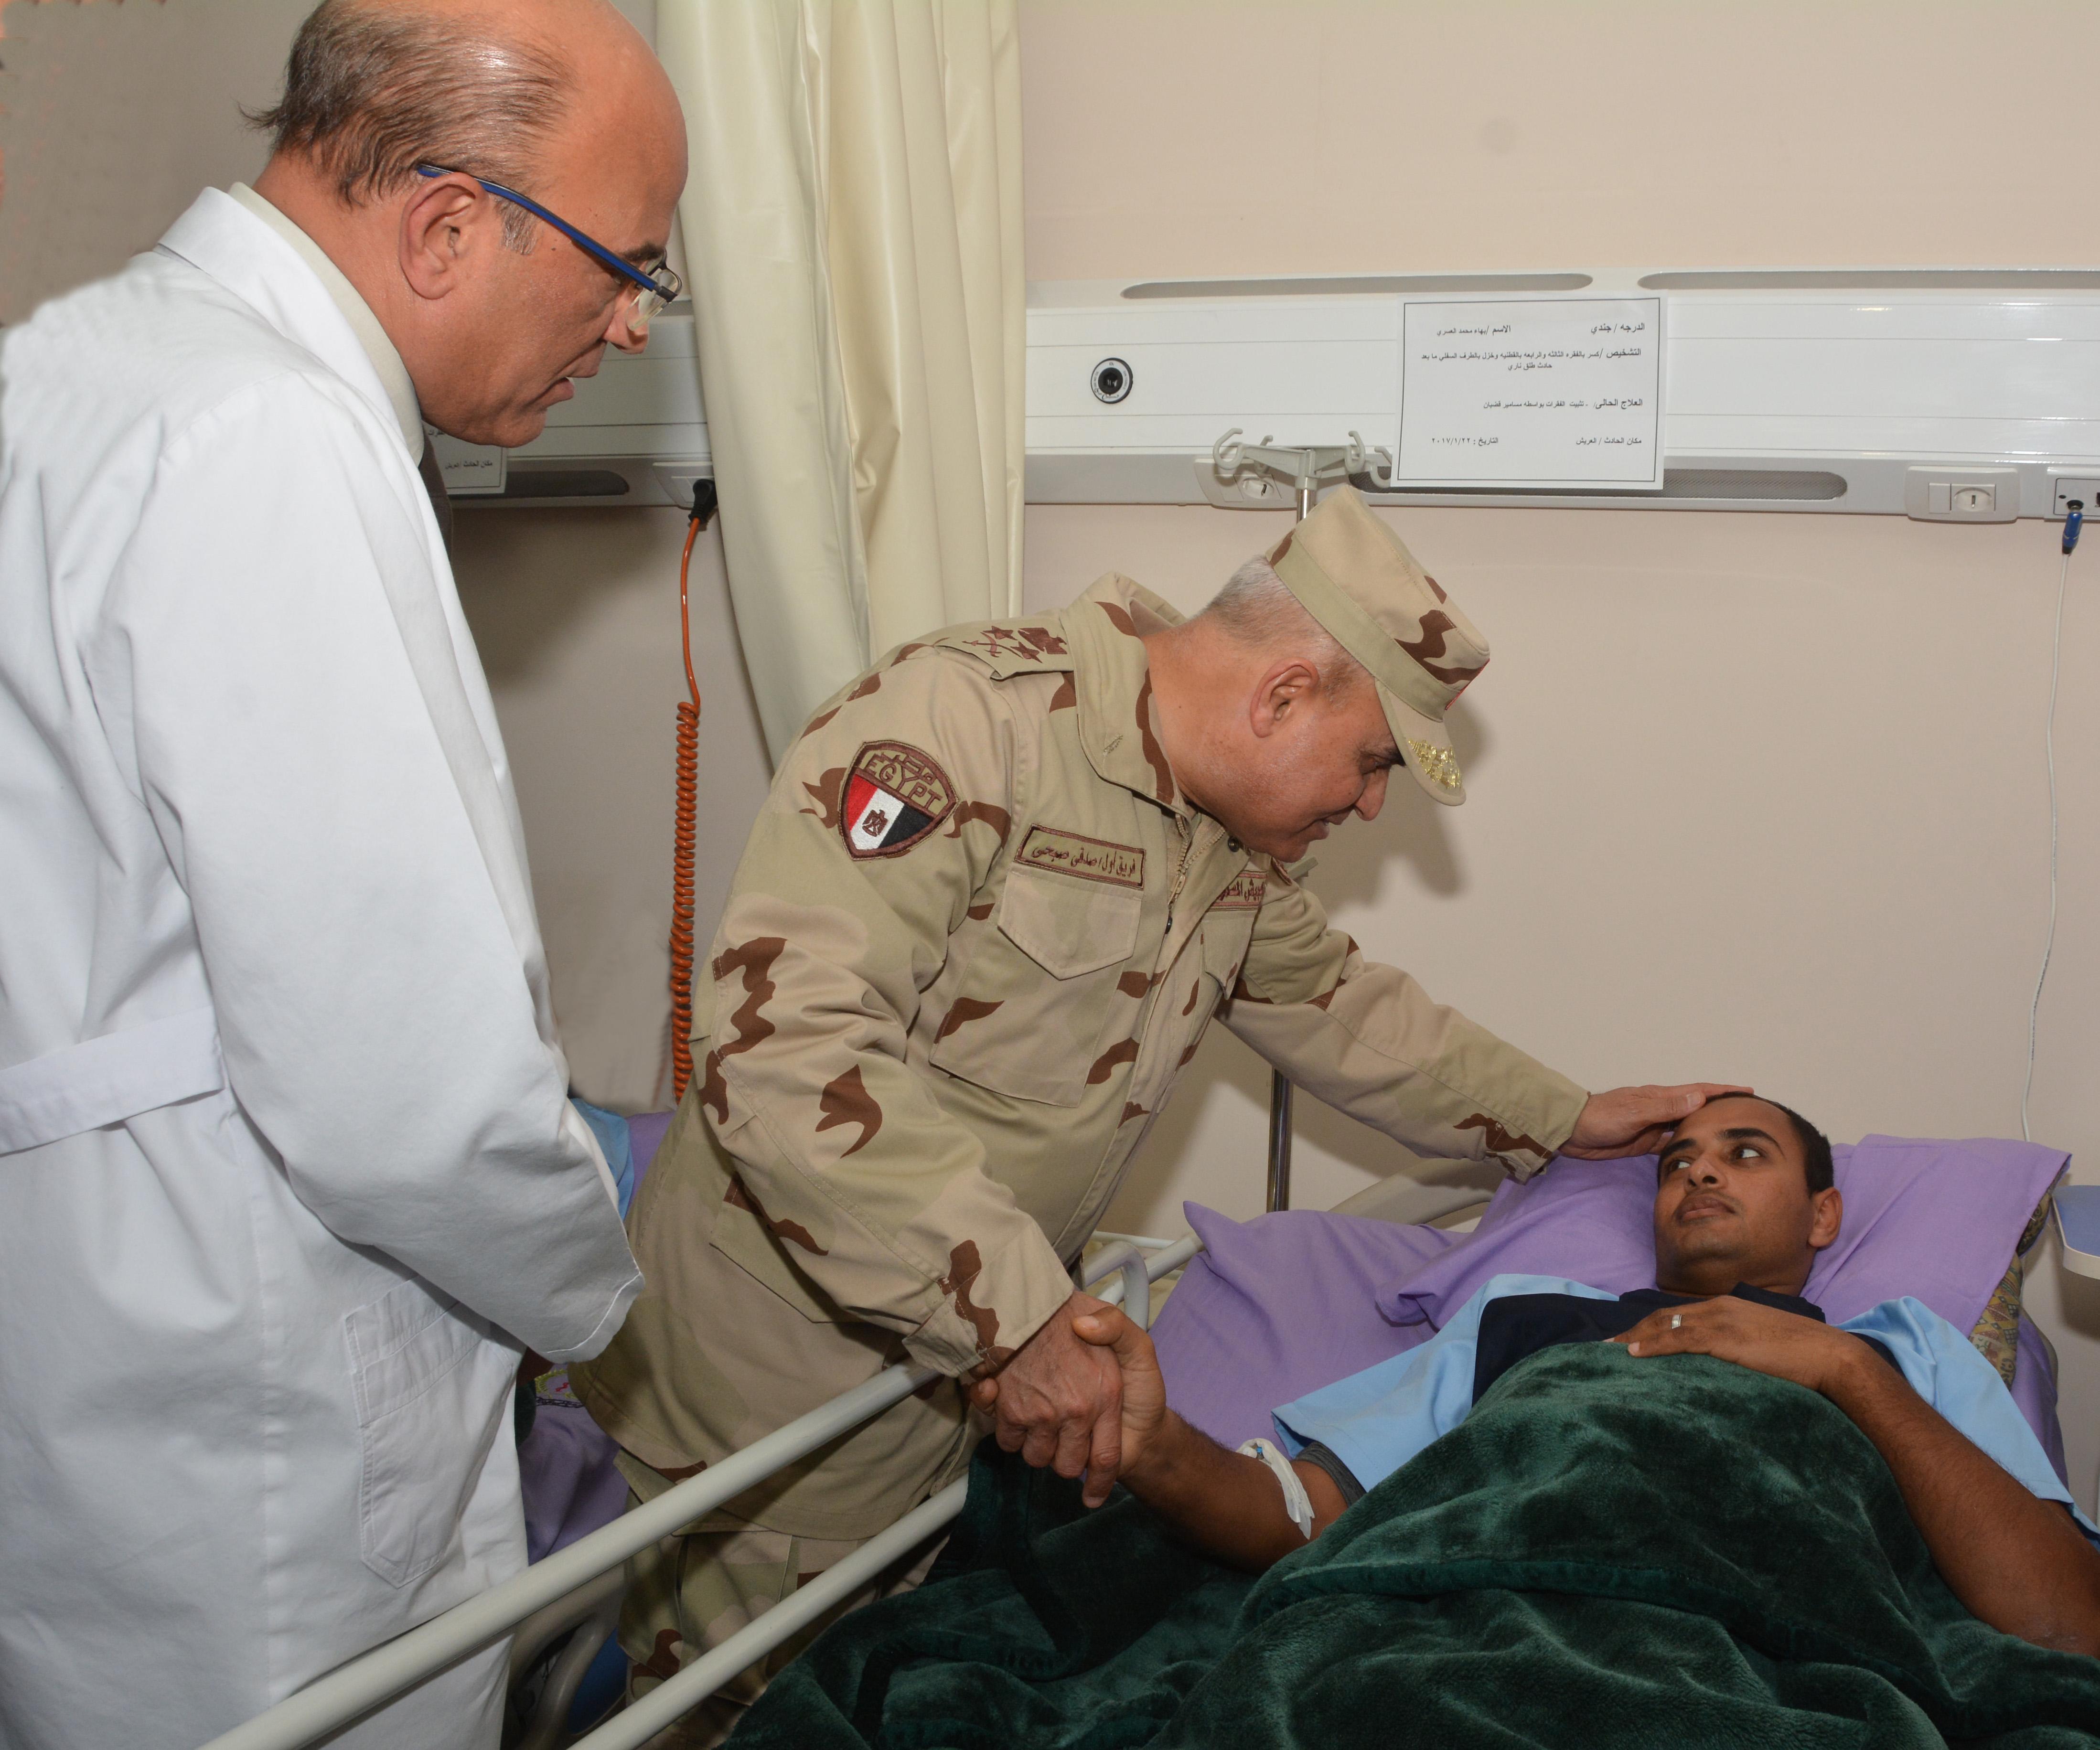 الفريق اول صدقي صبحي يطمئن علي صحة مصابي العمليات الإرهابية